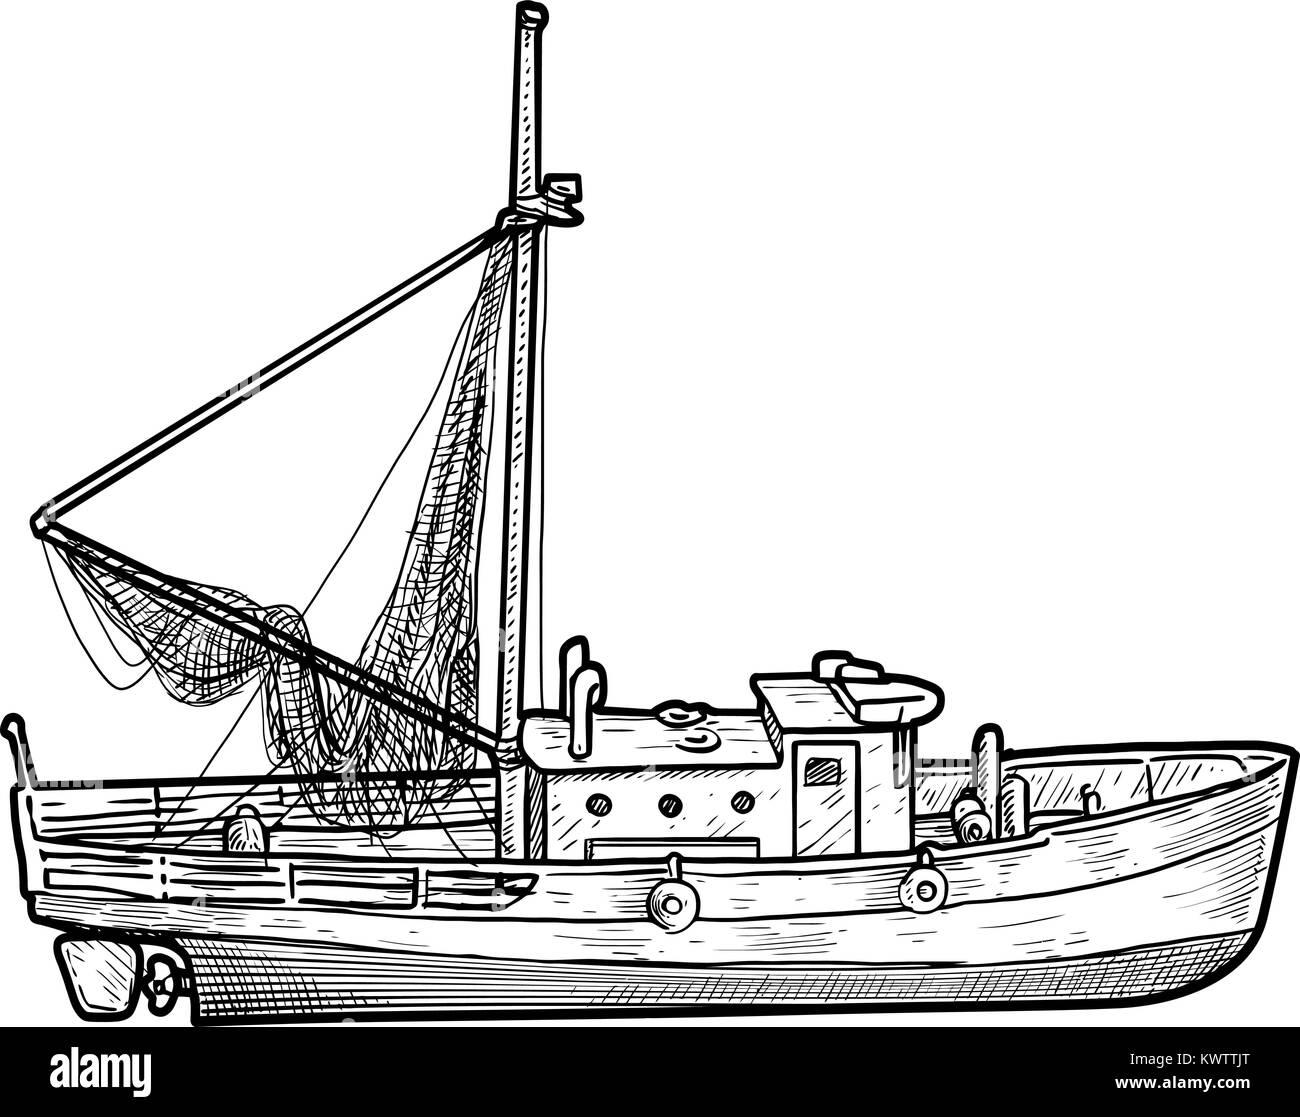 Vectores De Pesca Vector Imágenes De Stock Vectores De Pesca